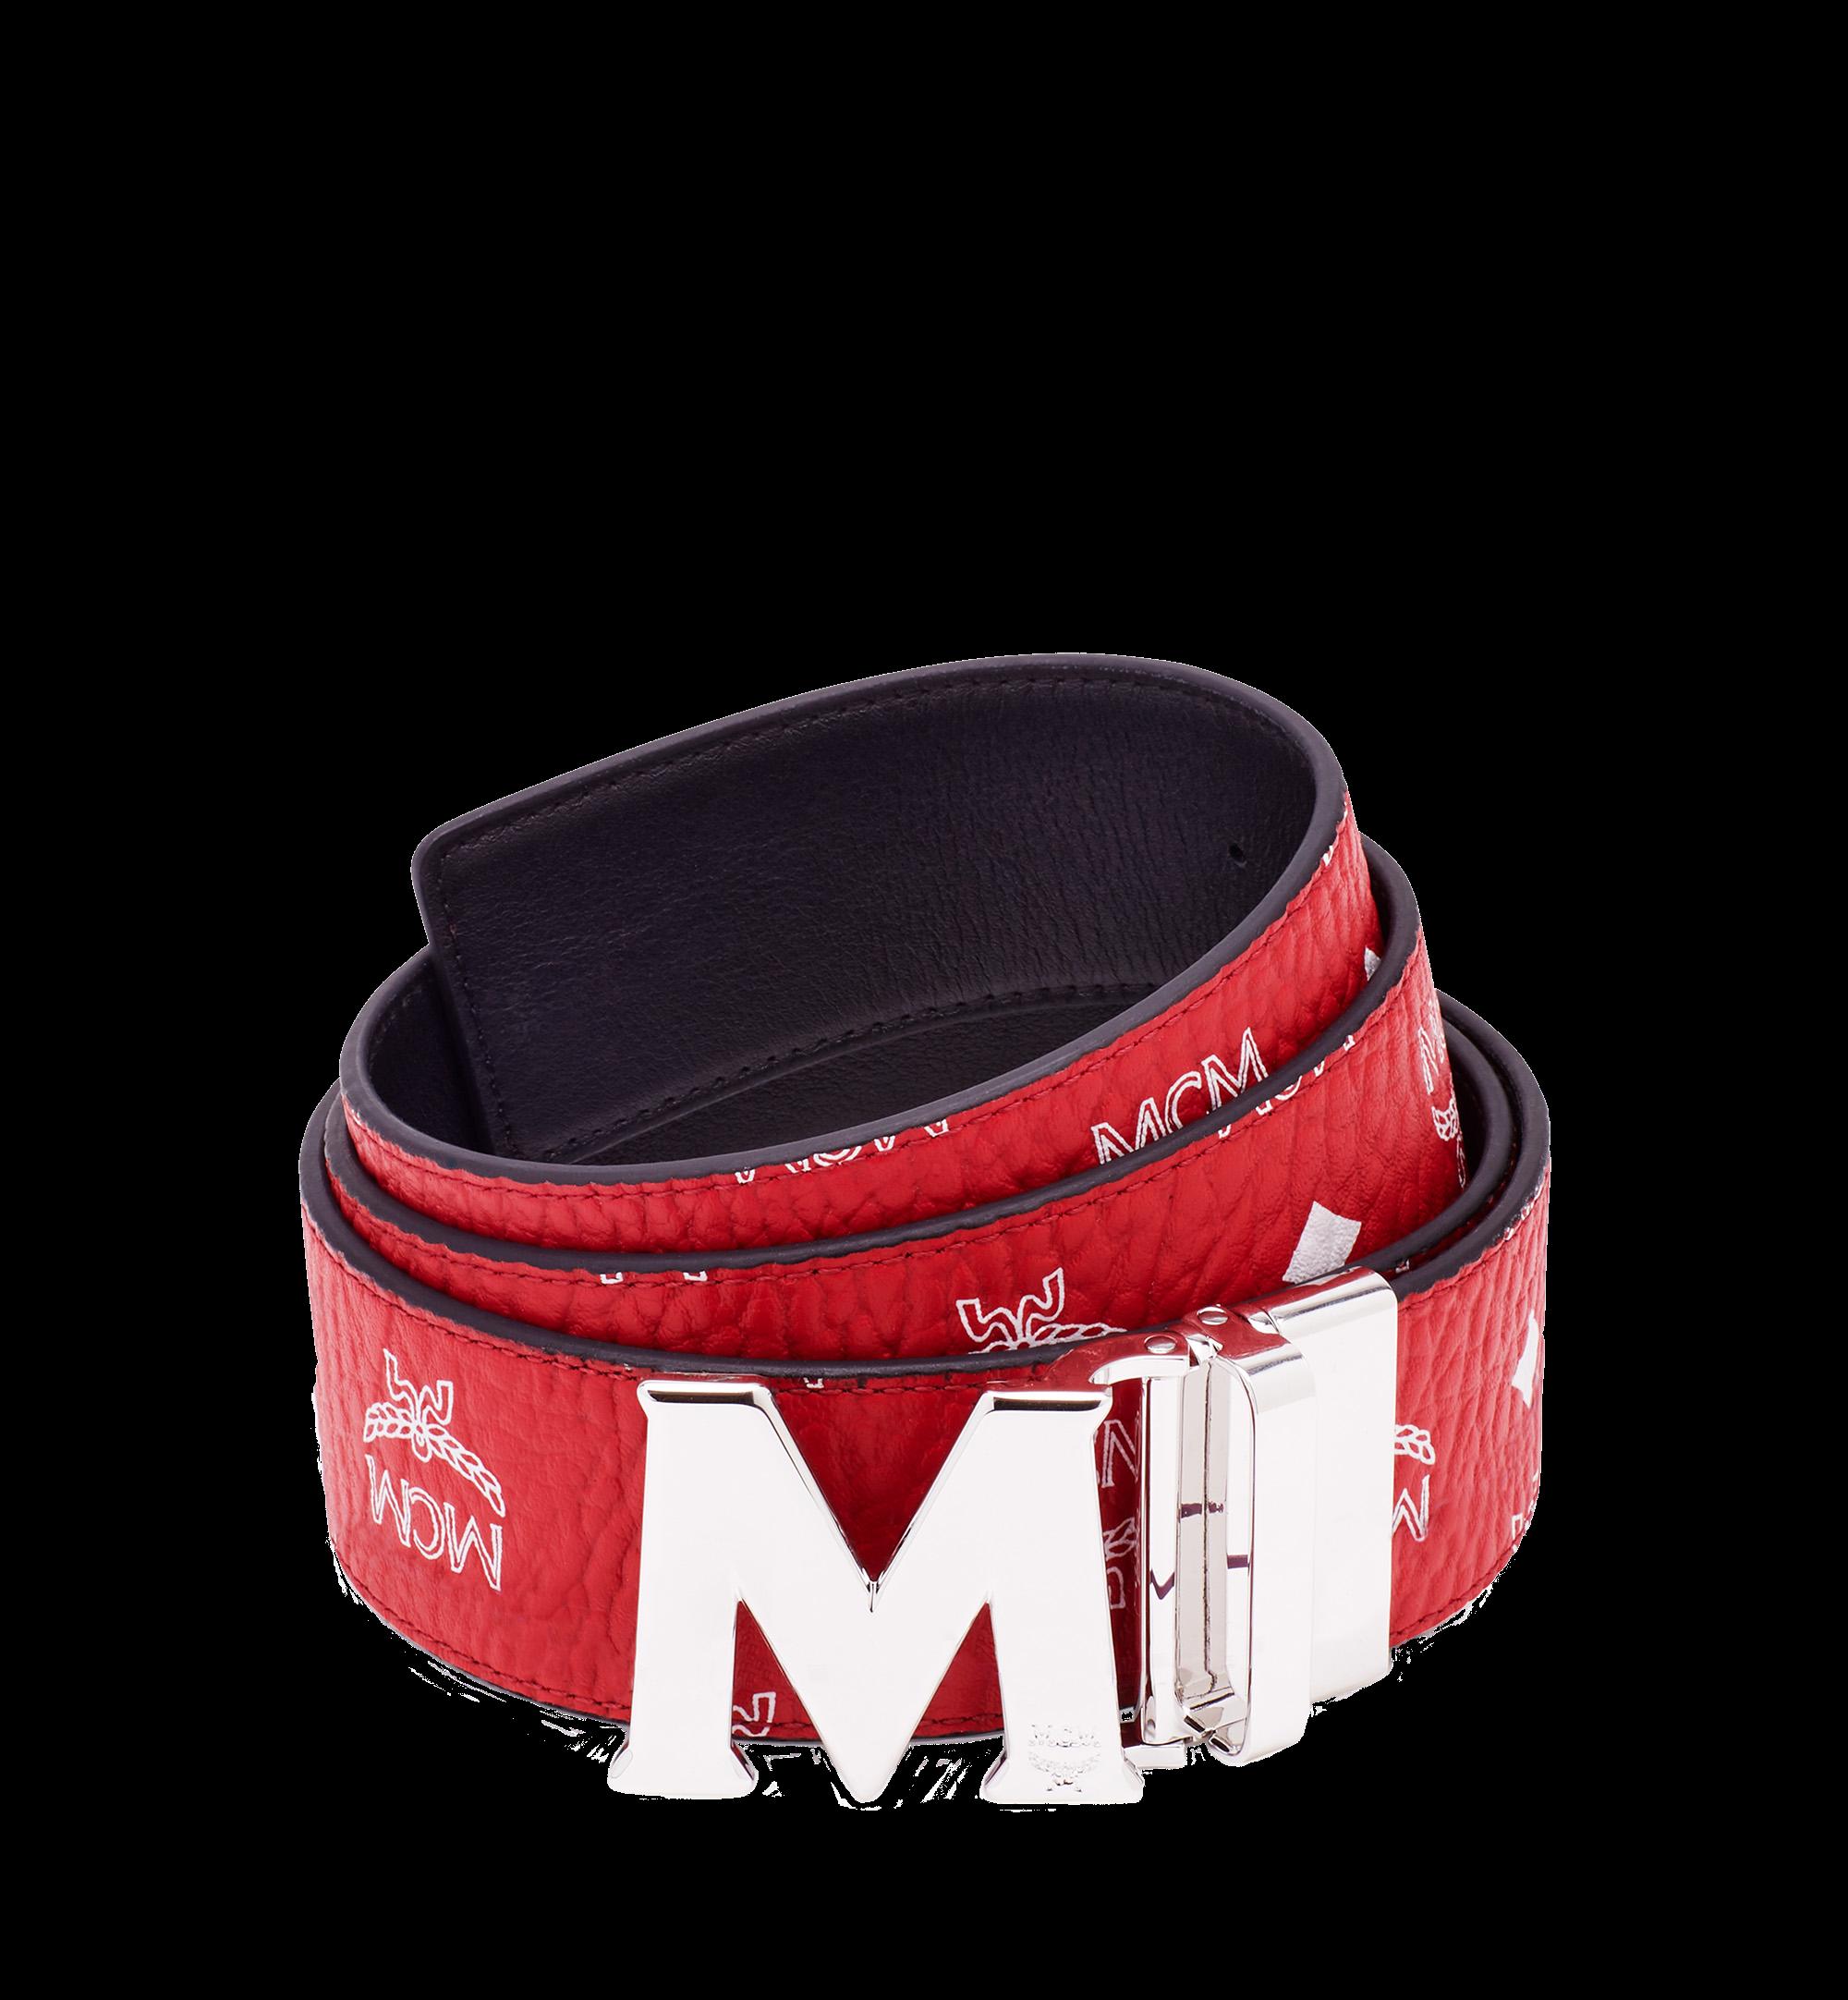 MCM M Reversible Belt Visetos White Logo 1.75W 51In/130Cm Ruby Red